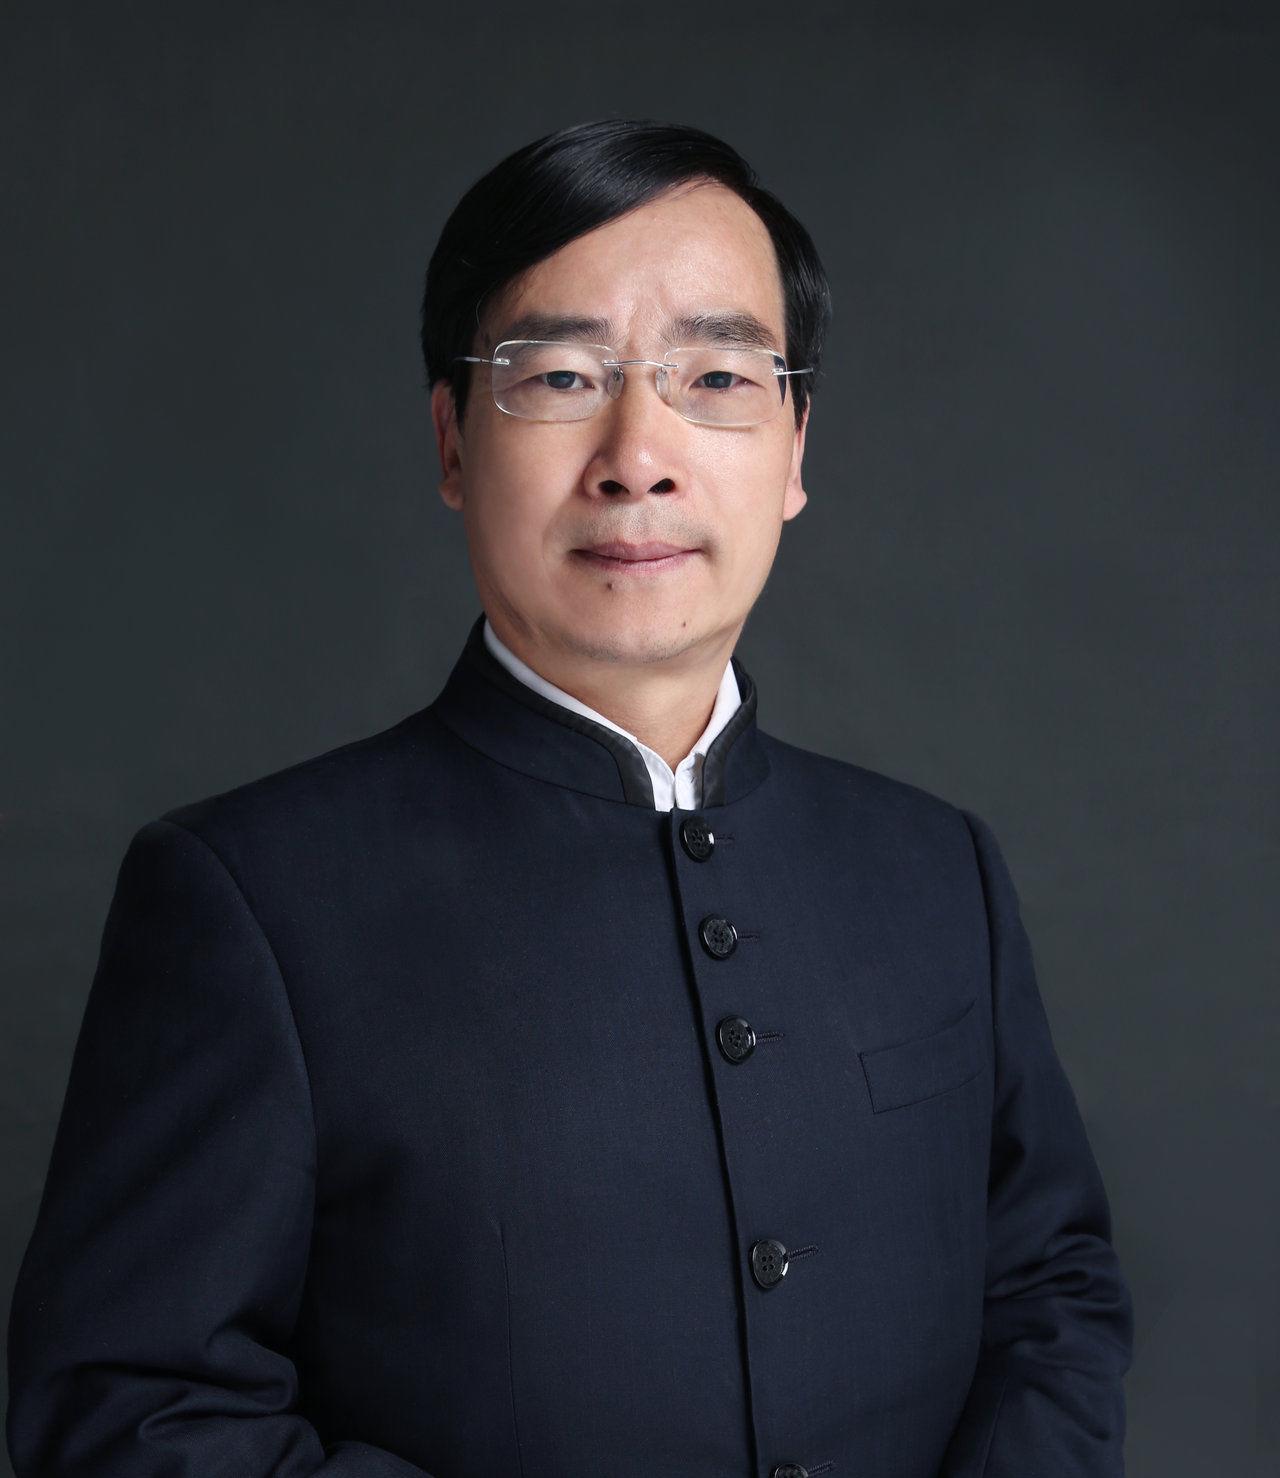 央财教授王雍君:个税免征额应提到8000到1万元